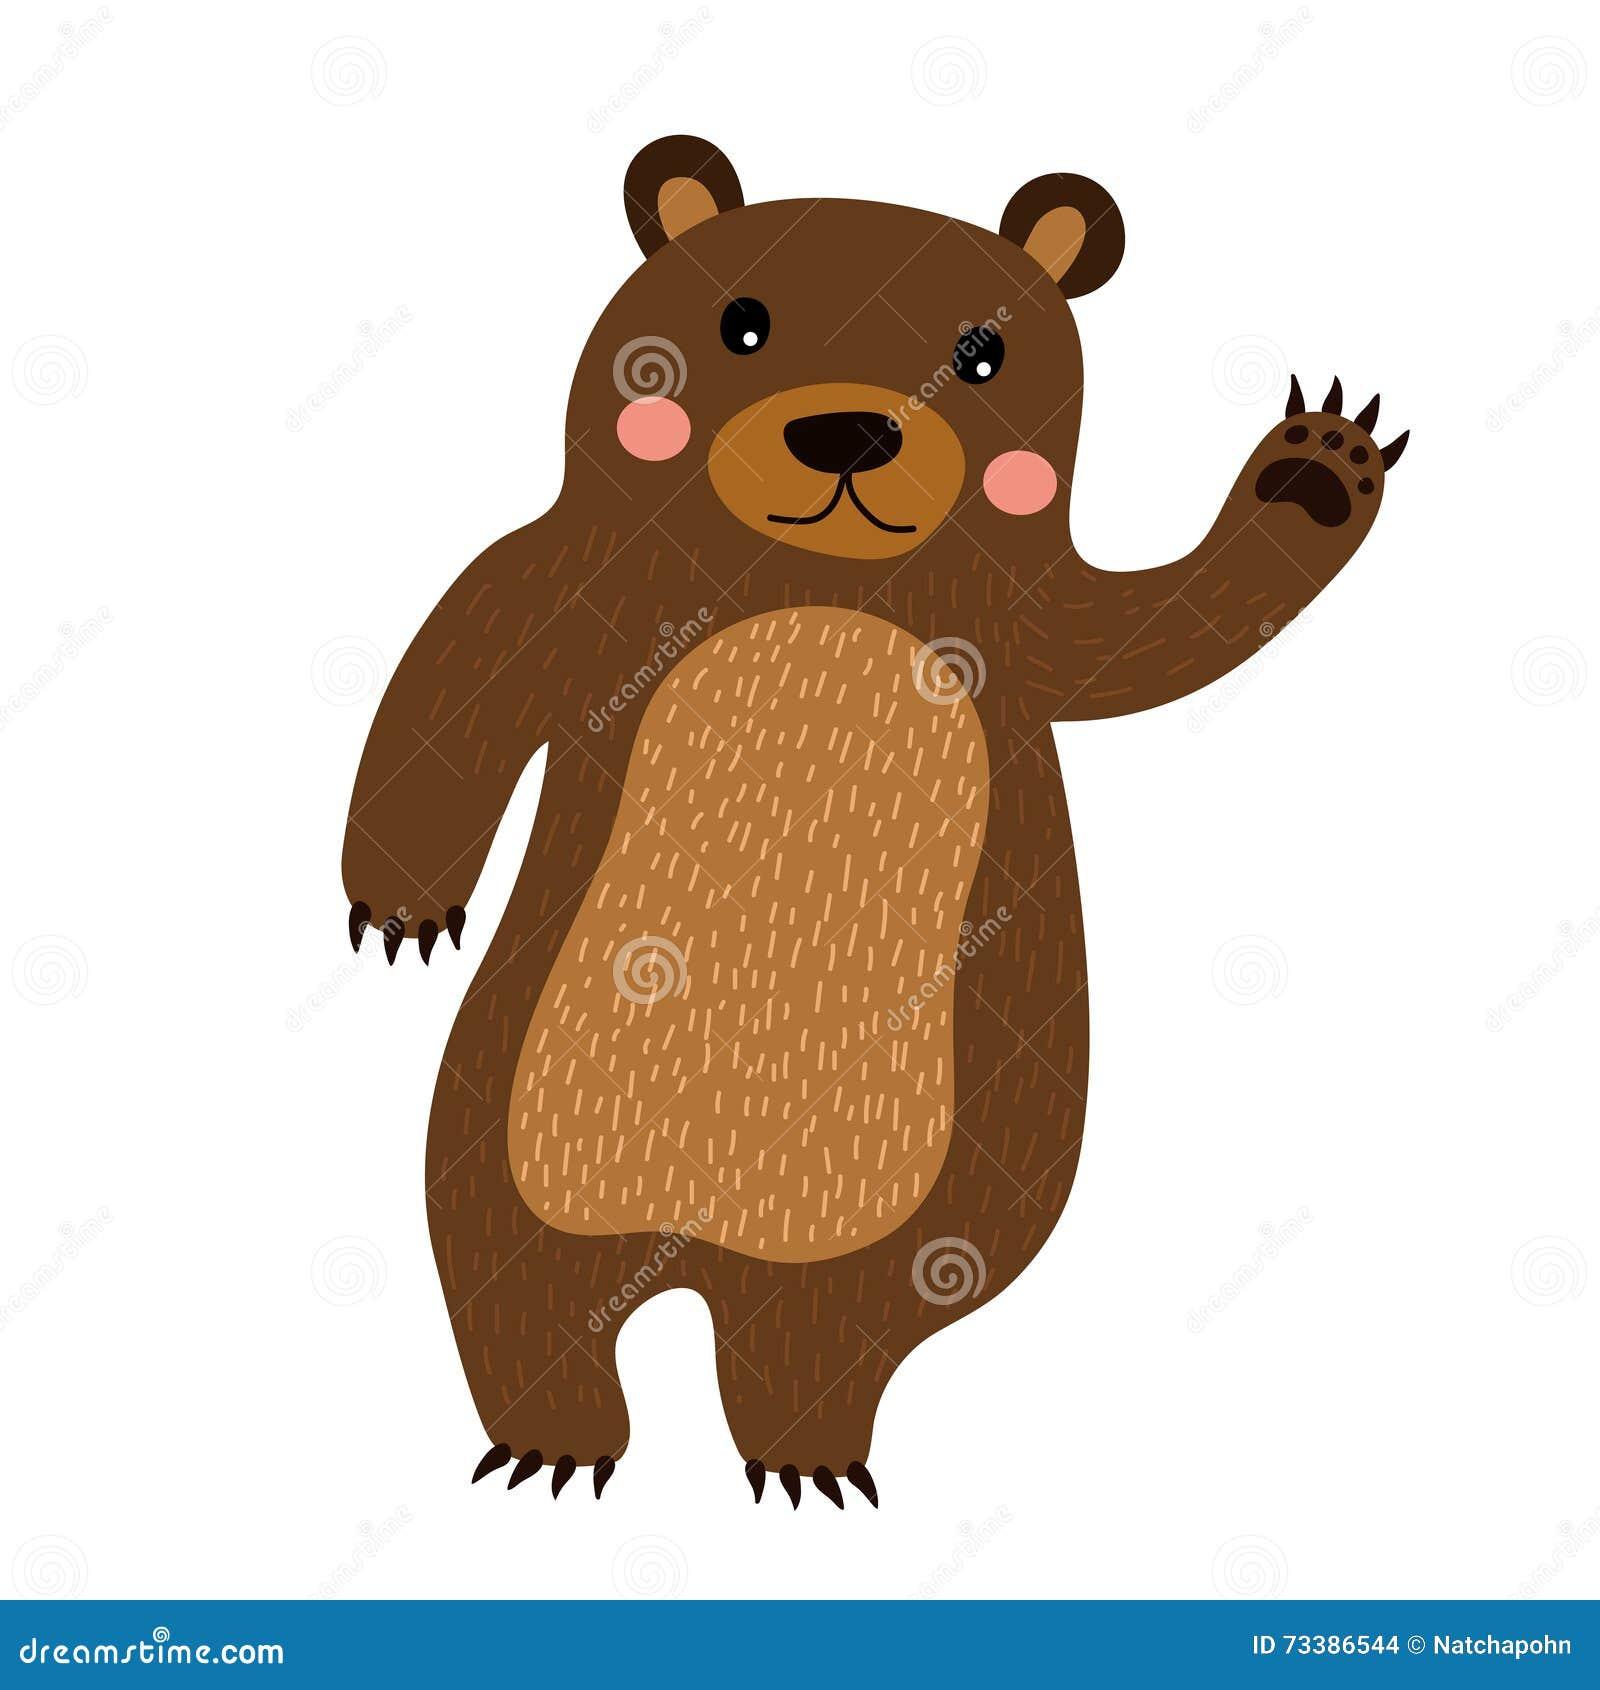 Un orso giocattolo cartone animato u vettoriali stock liusaart